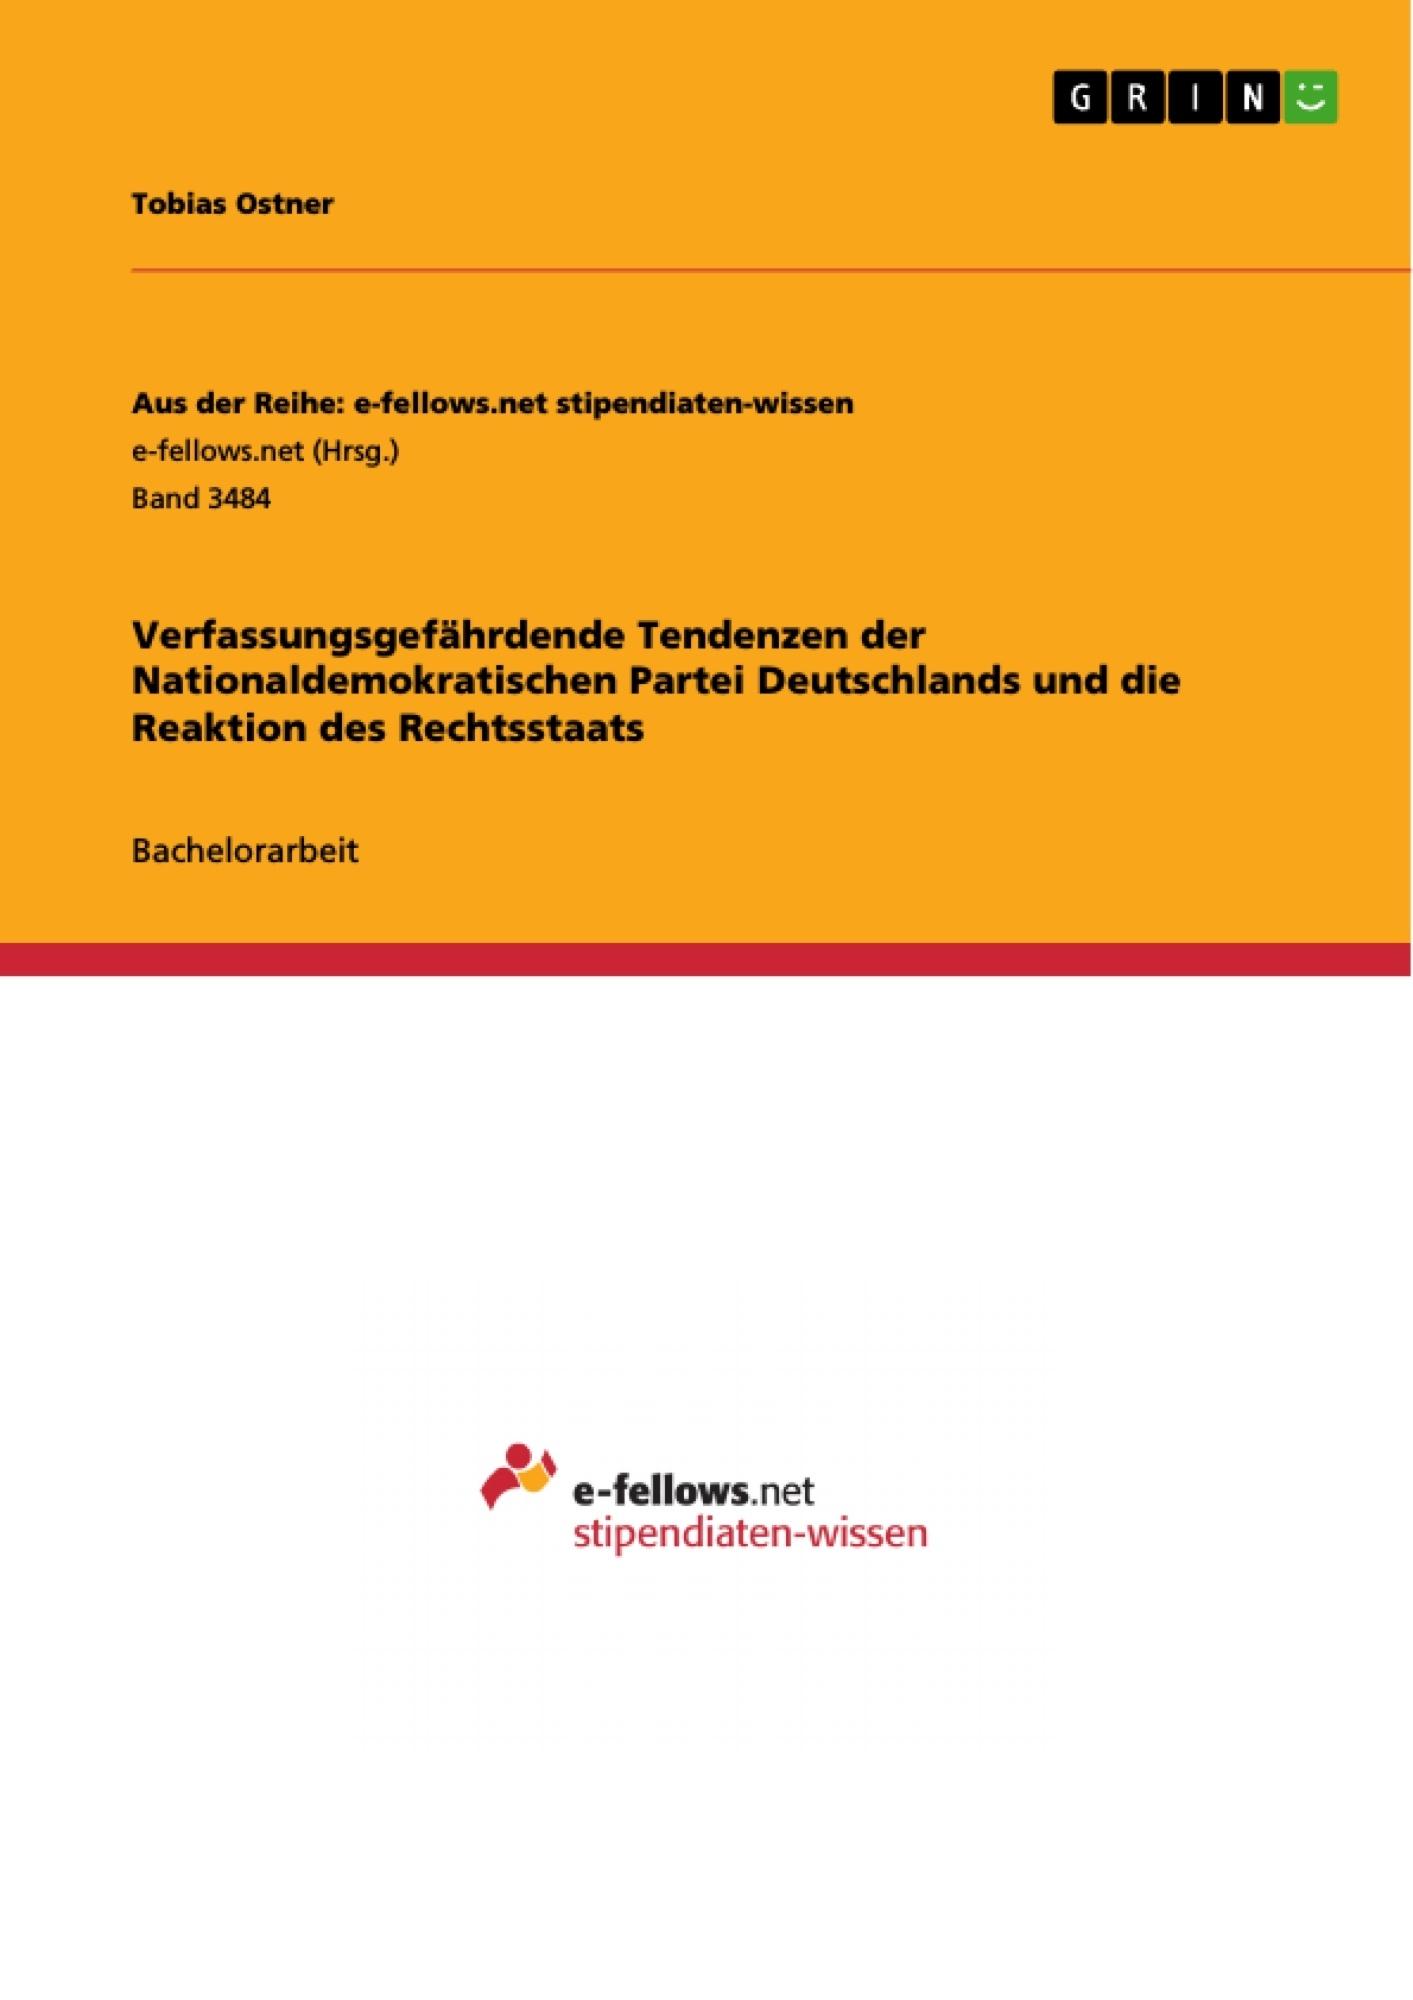 Título: Verfassungsgefährdende Tendenzen der Nationaldemokratischen Partei Deutschlands und die Reaktion des Rechtsstaats